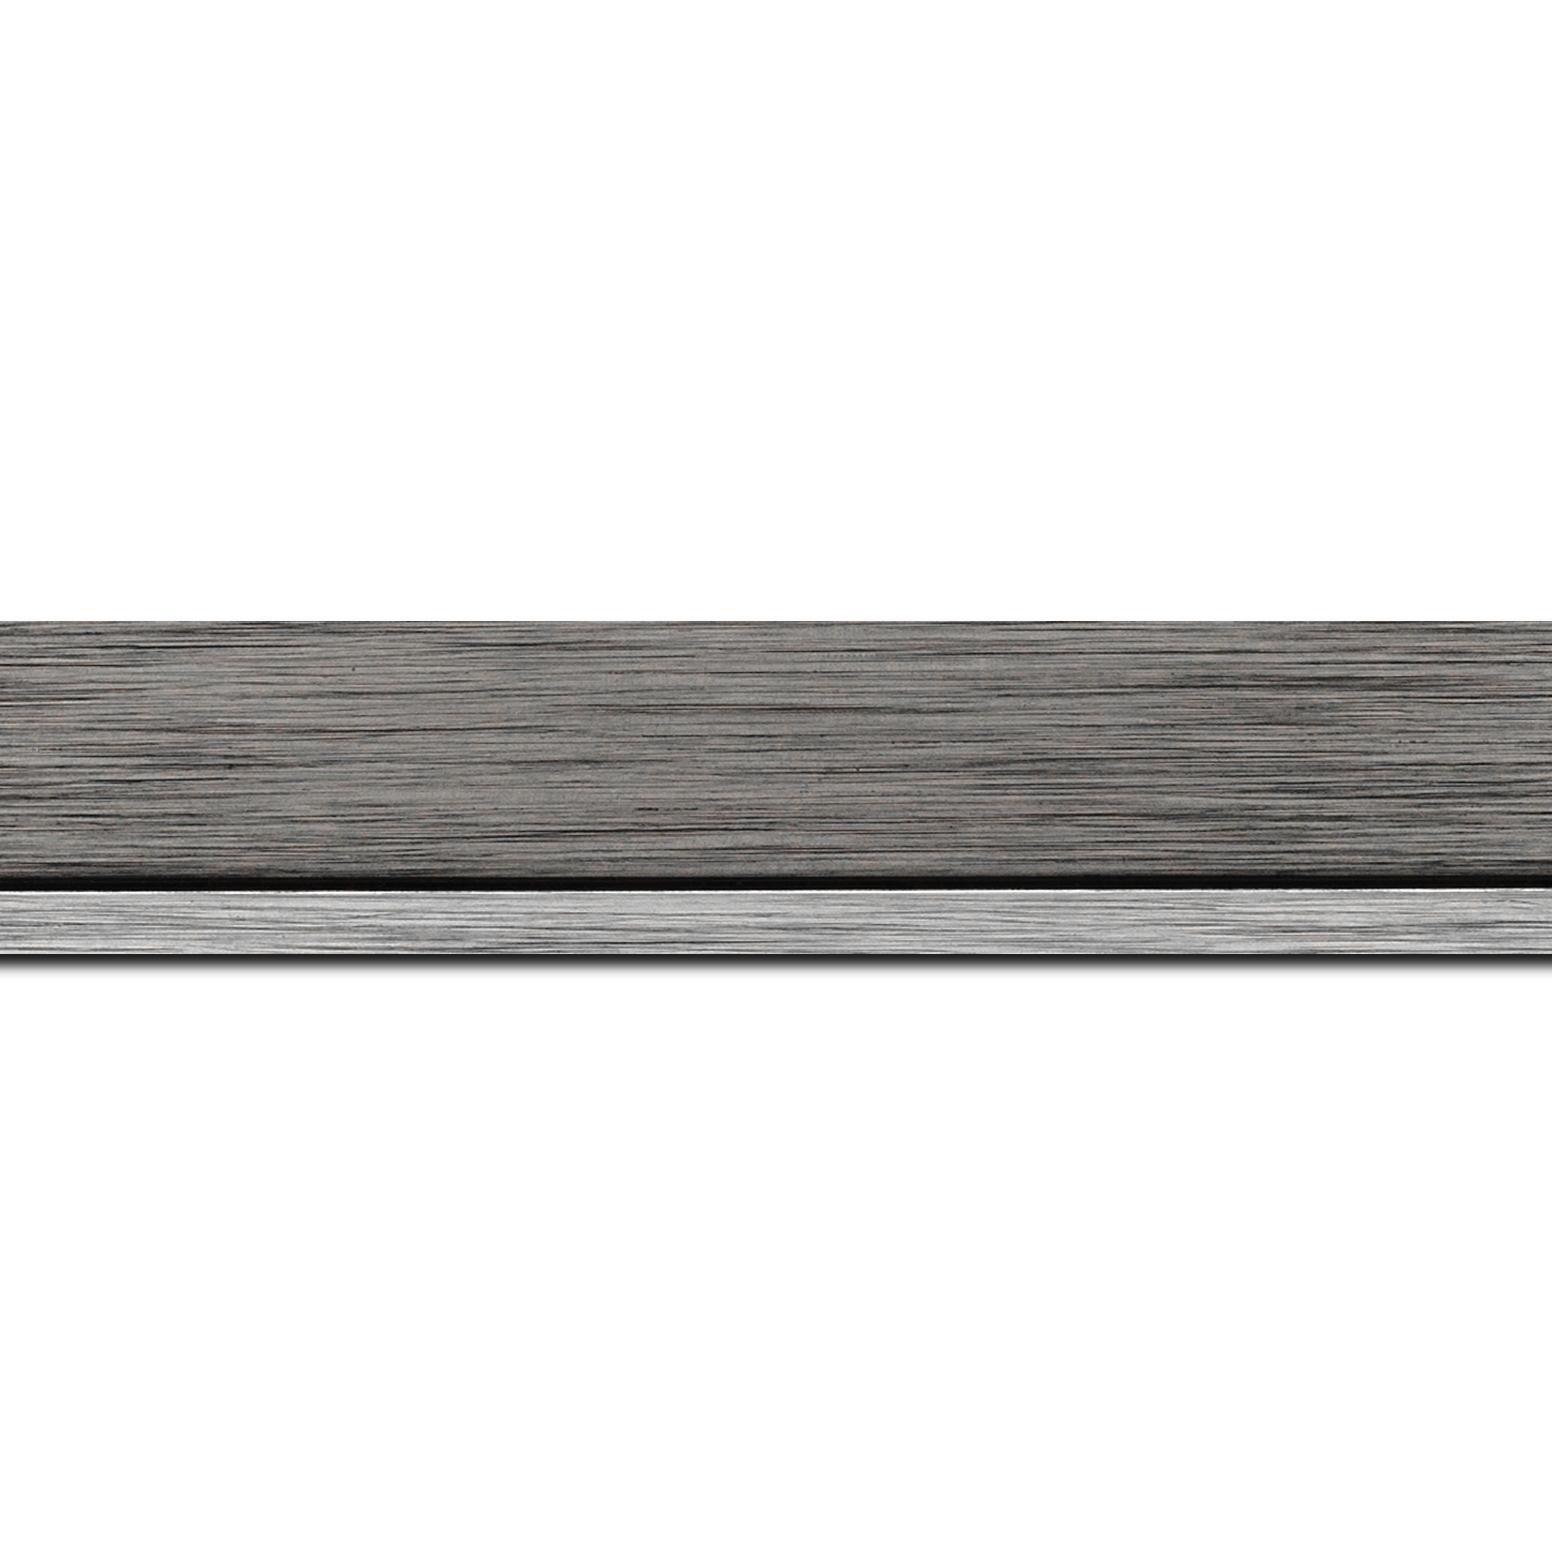 Pack par 12m, bois profil plat largeur 3.3cm couleur plomb filet argent(longueur baguette pouvant varier entre 2.40m et 3m selon arrivage des bois)